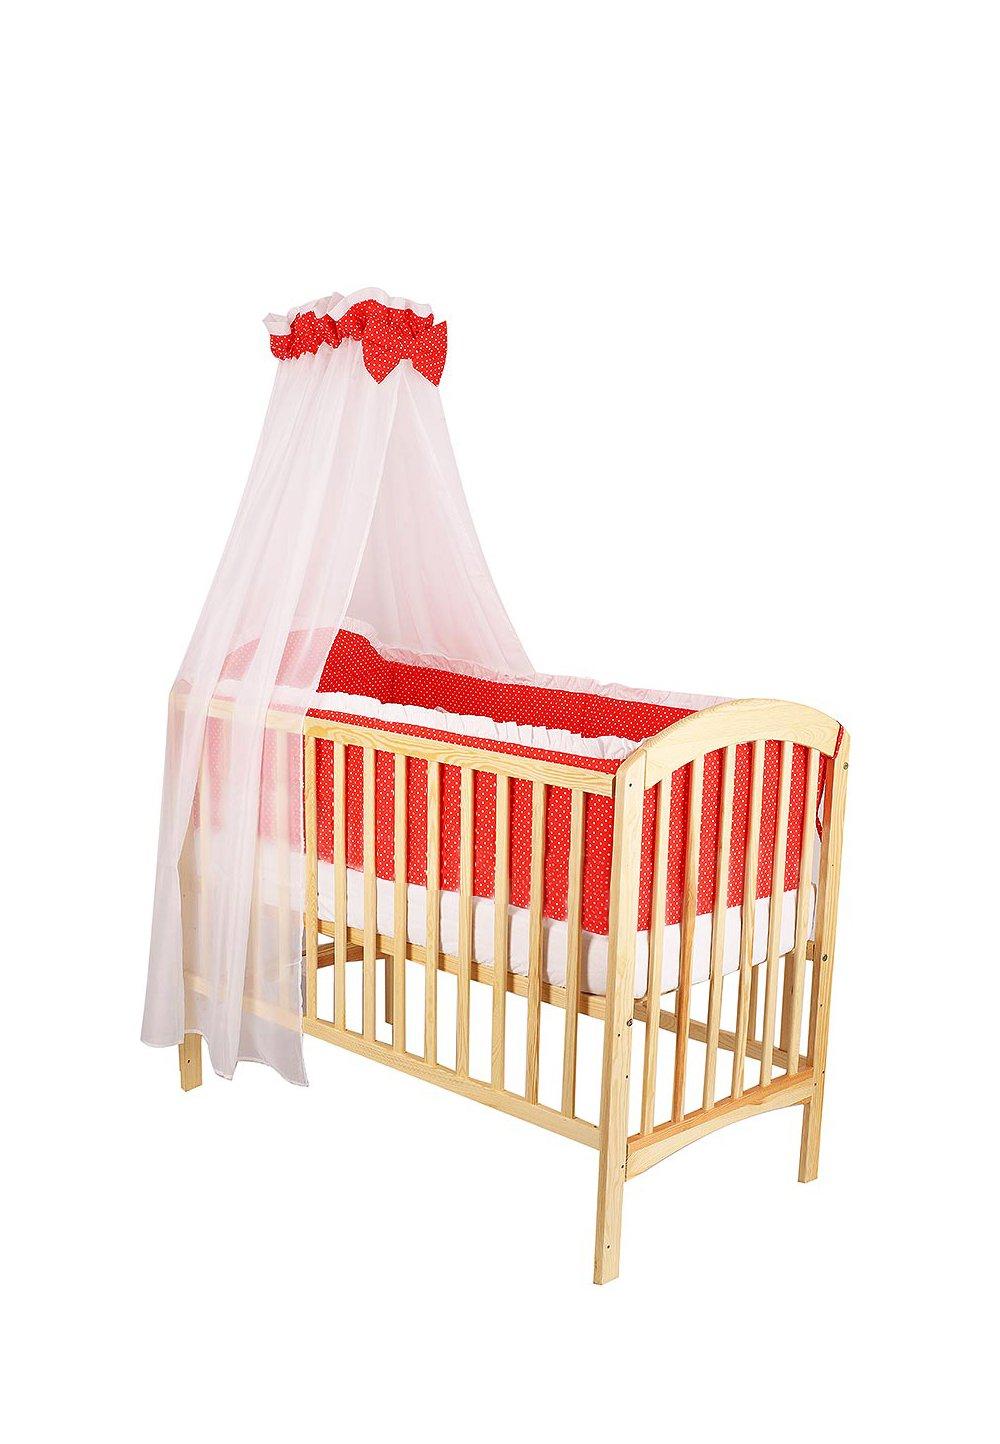 Lenjerie cu baldachin, 6 piese, rosu cu buline albe, 120x60 cm